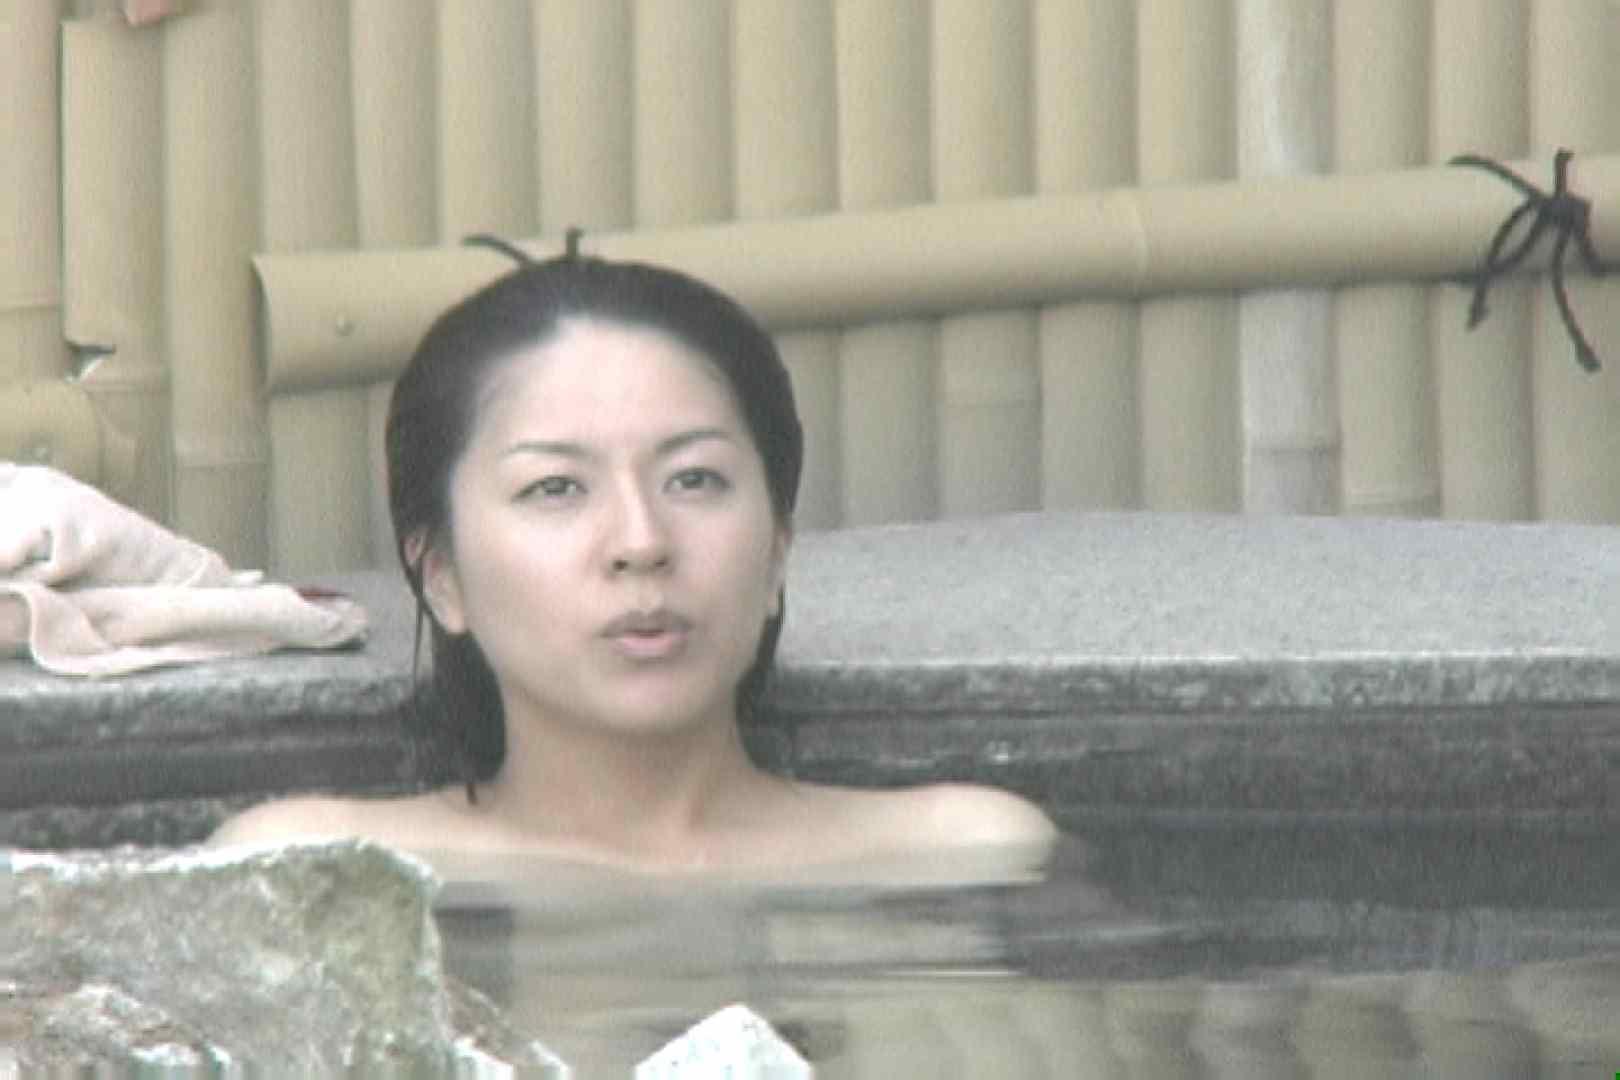 Aquaな露天風呂Vol.694 盗撮  110PICs 42